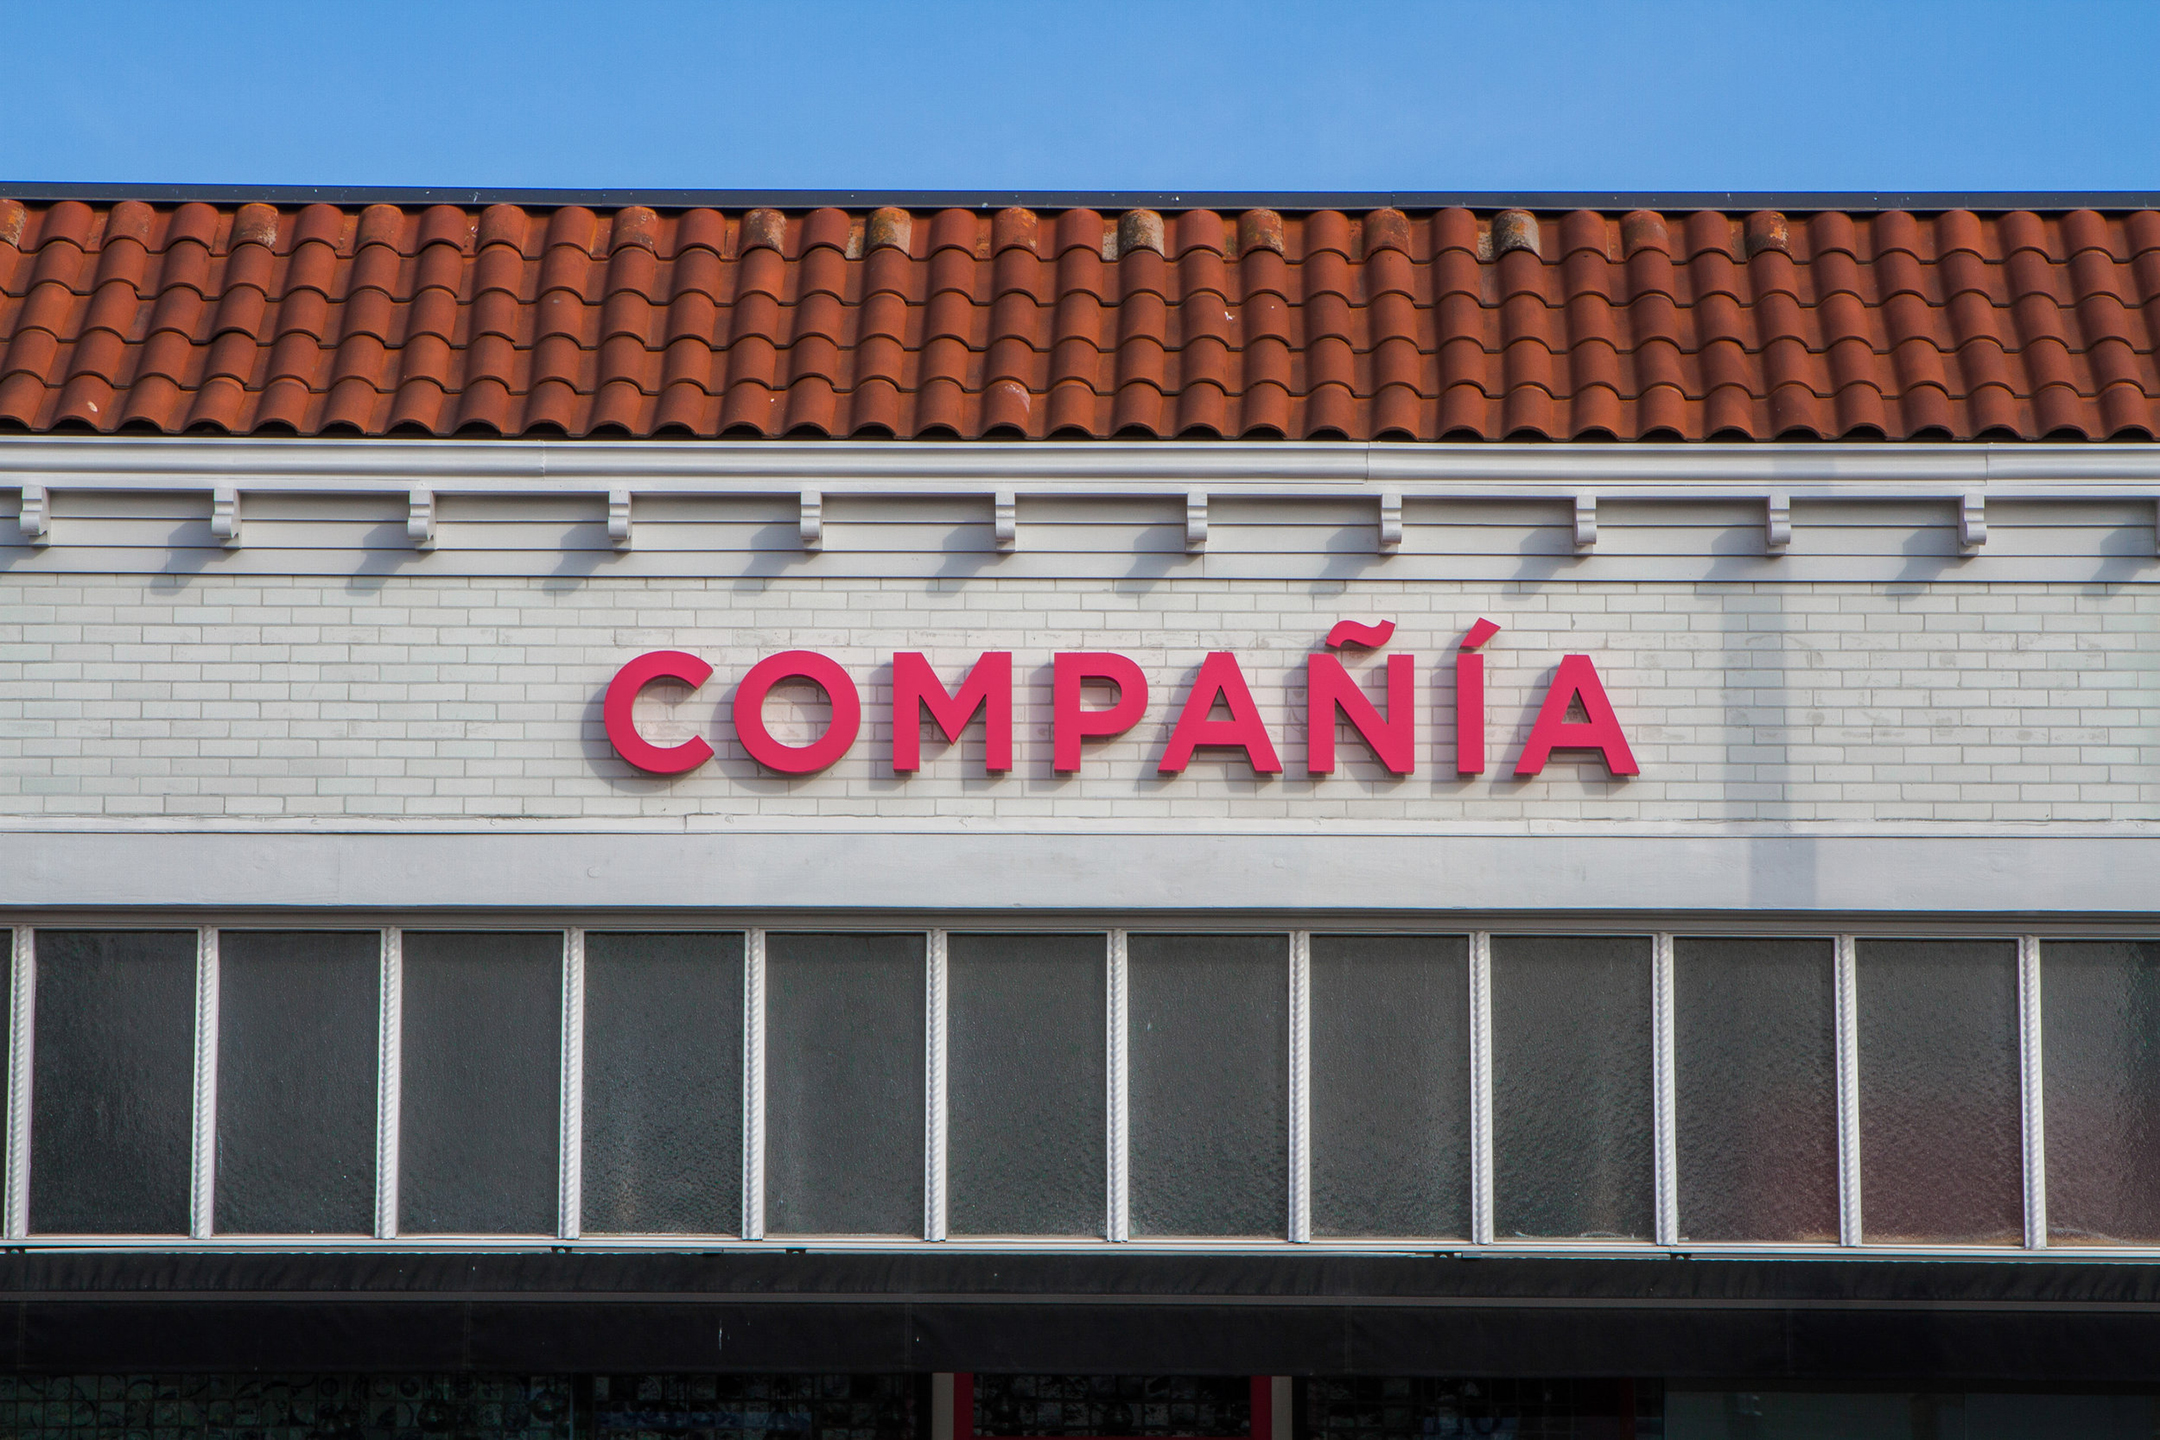 compania-exterior-2.jpg